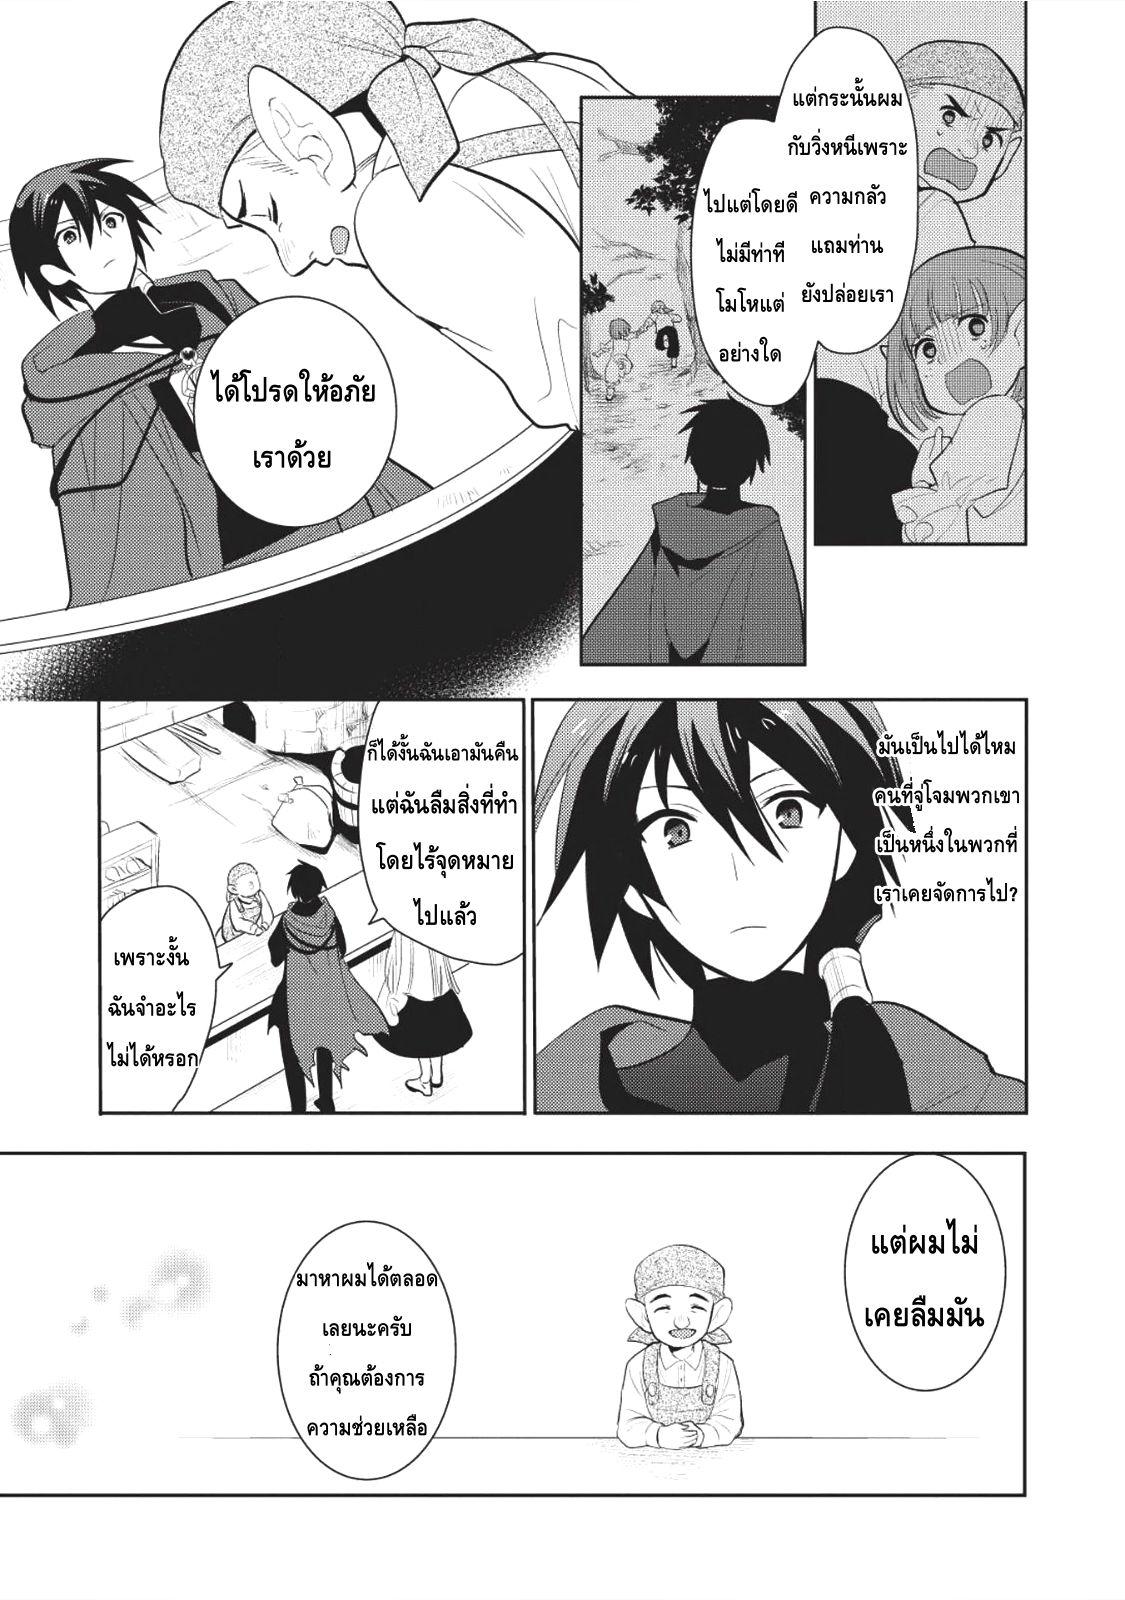 อ่านการ์ตูน Maou no Ore ga Dorei Elf wo Yome ni Shitanda ga Dou Medereba Ii ตอนที่ 4 หน้าที่ 15